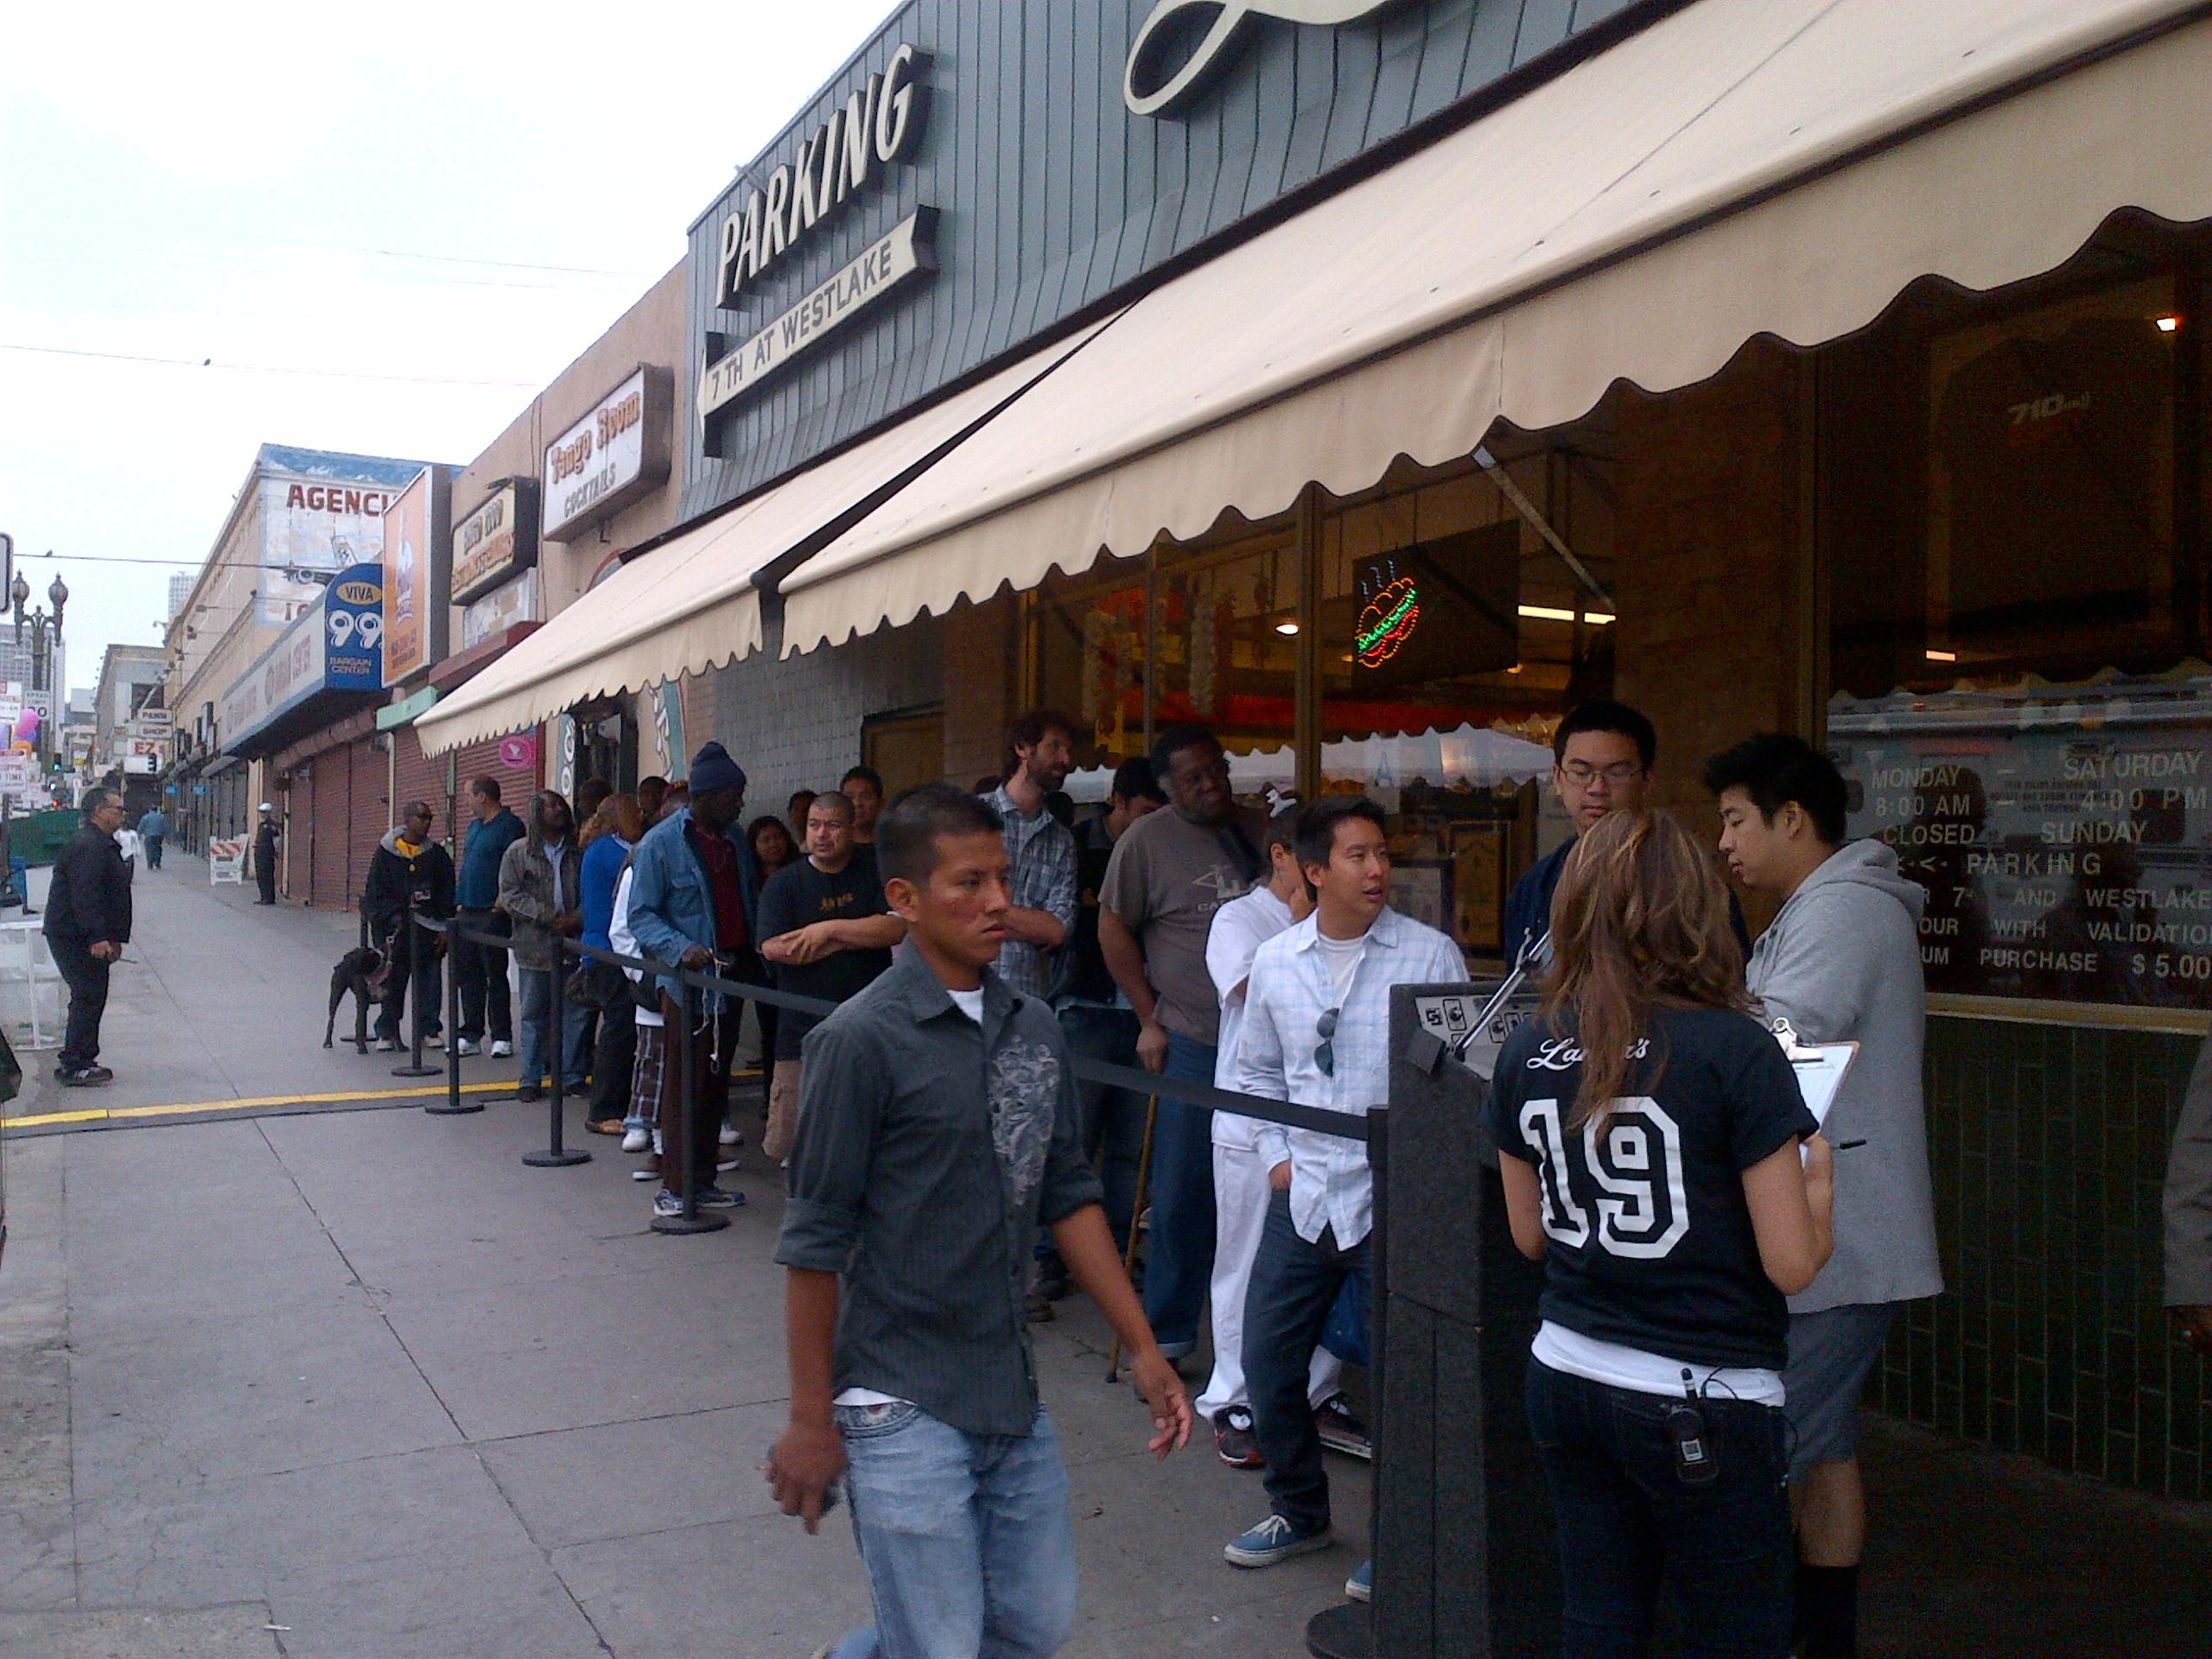 La fila empezó a crecer y crecer desde temprano en Langer's. (Foto Anna Chen/El Pasajero).